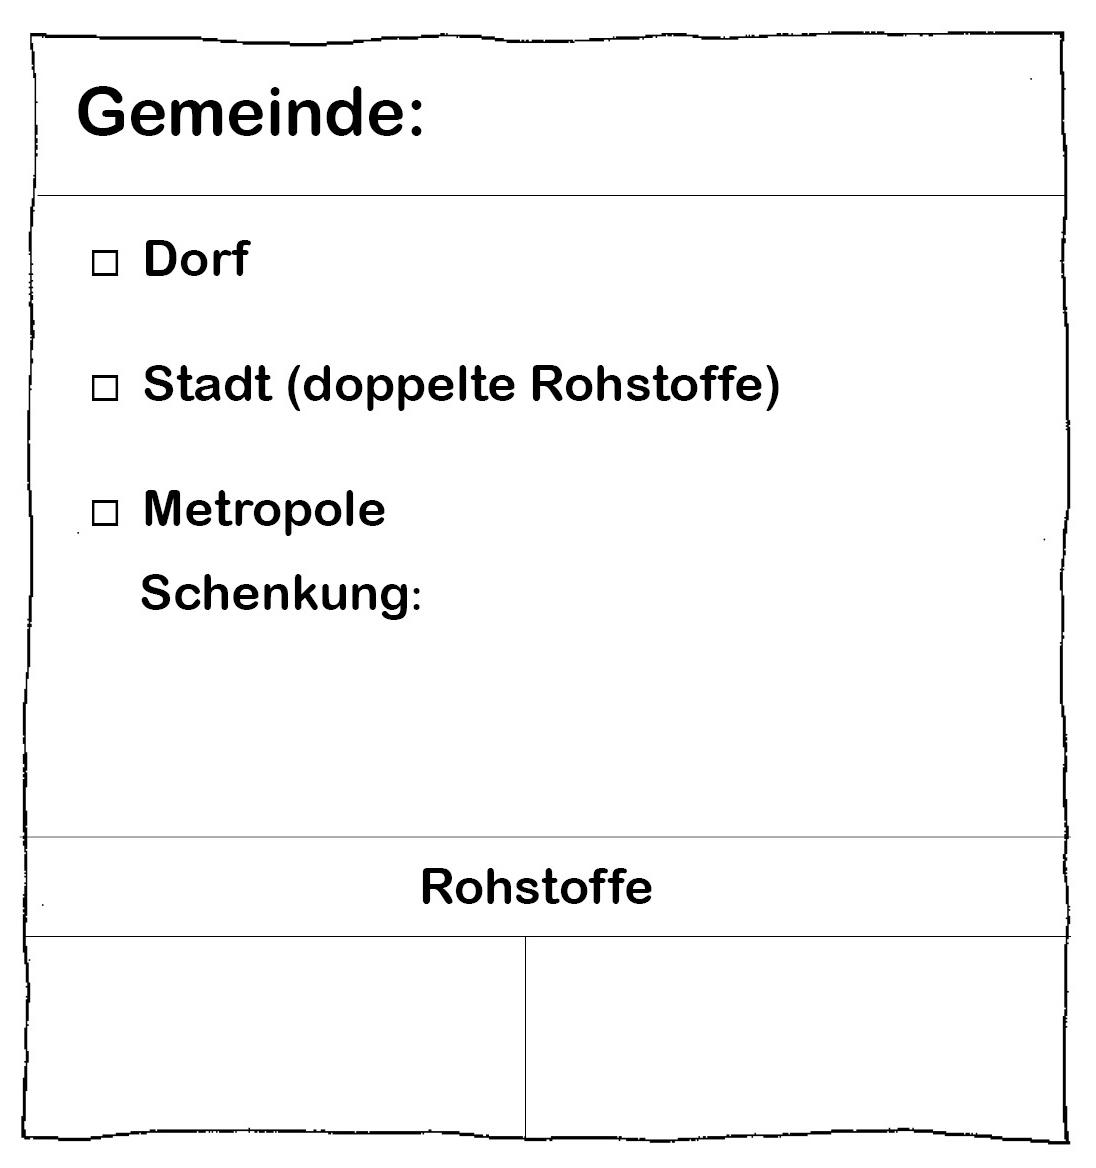 Kopiervorlage Gemeindepass